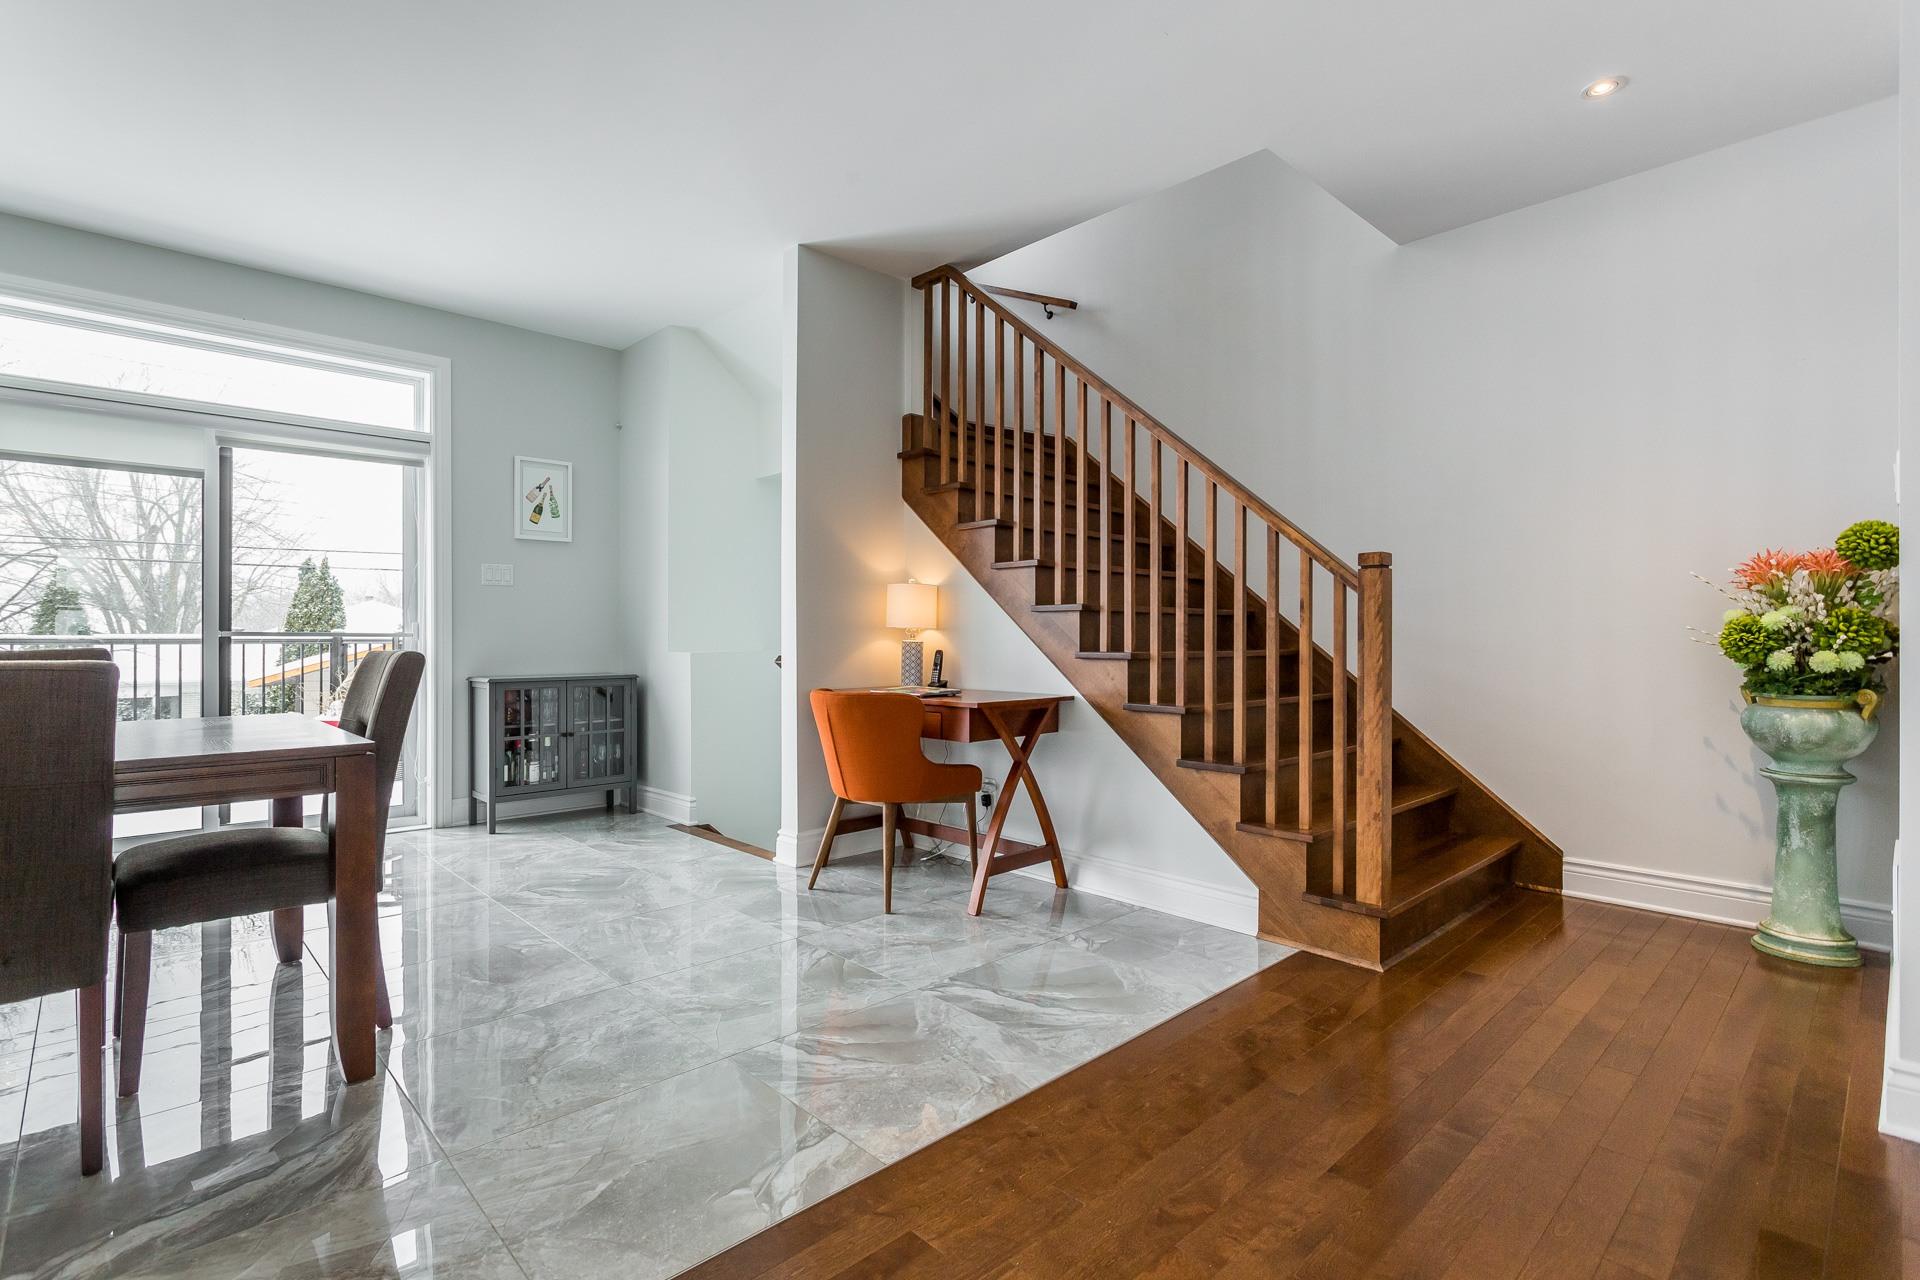 image 17 - Maison À vendre Laval Duvernay - 1 pièce